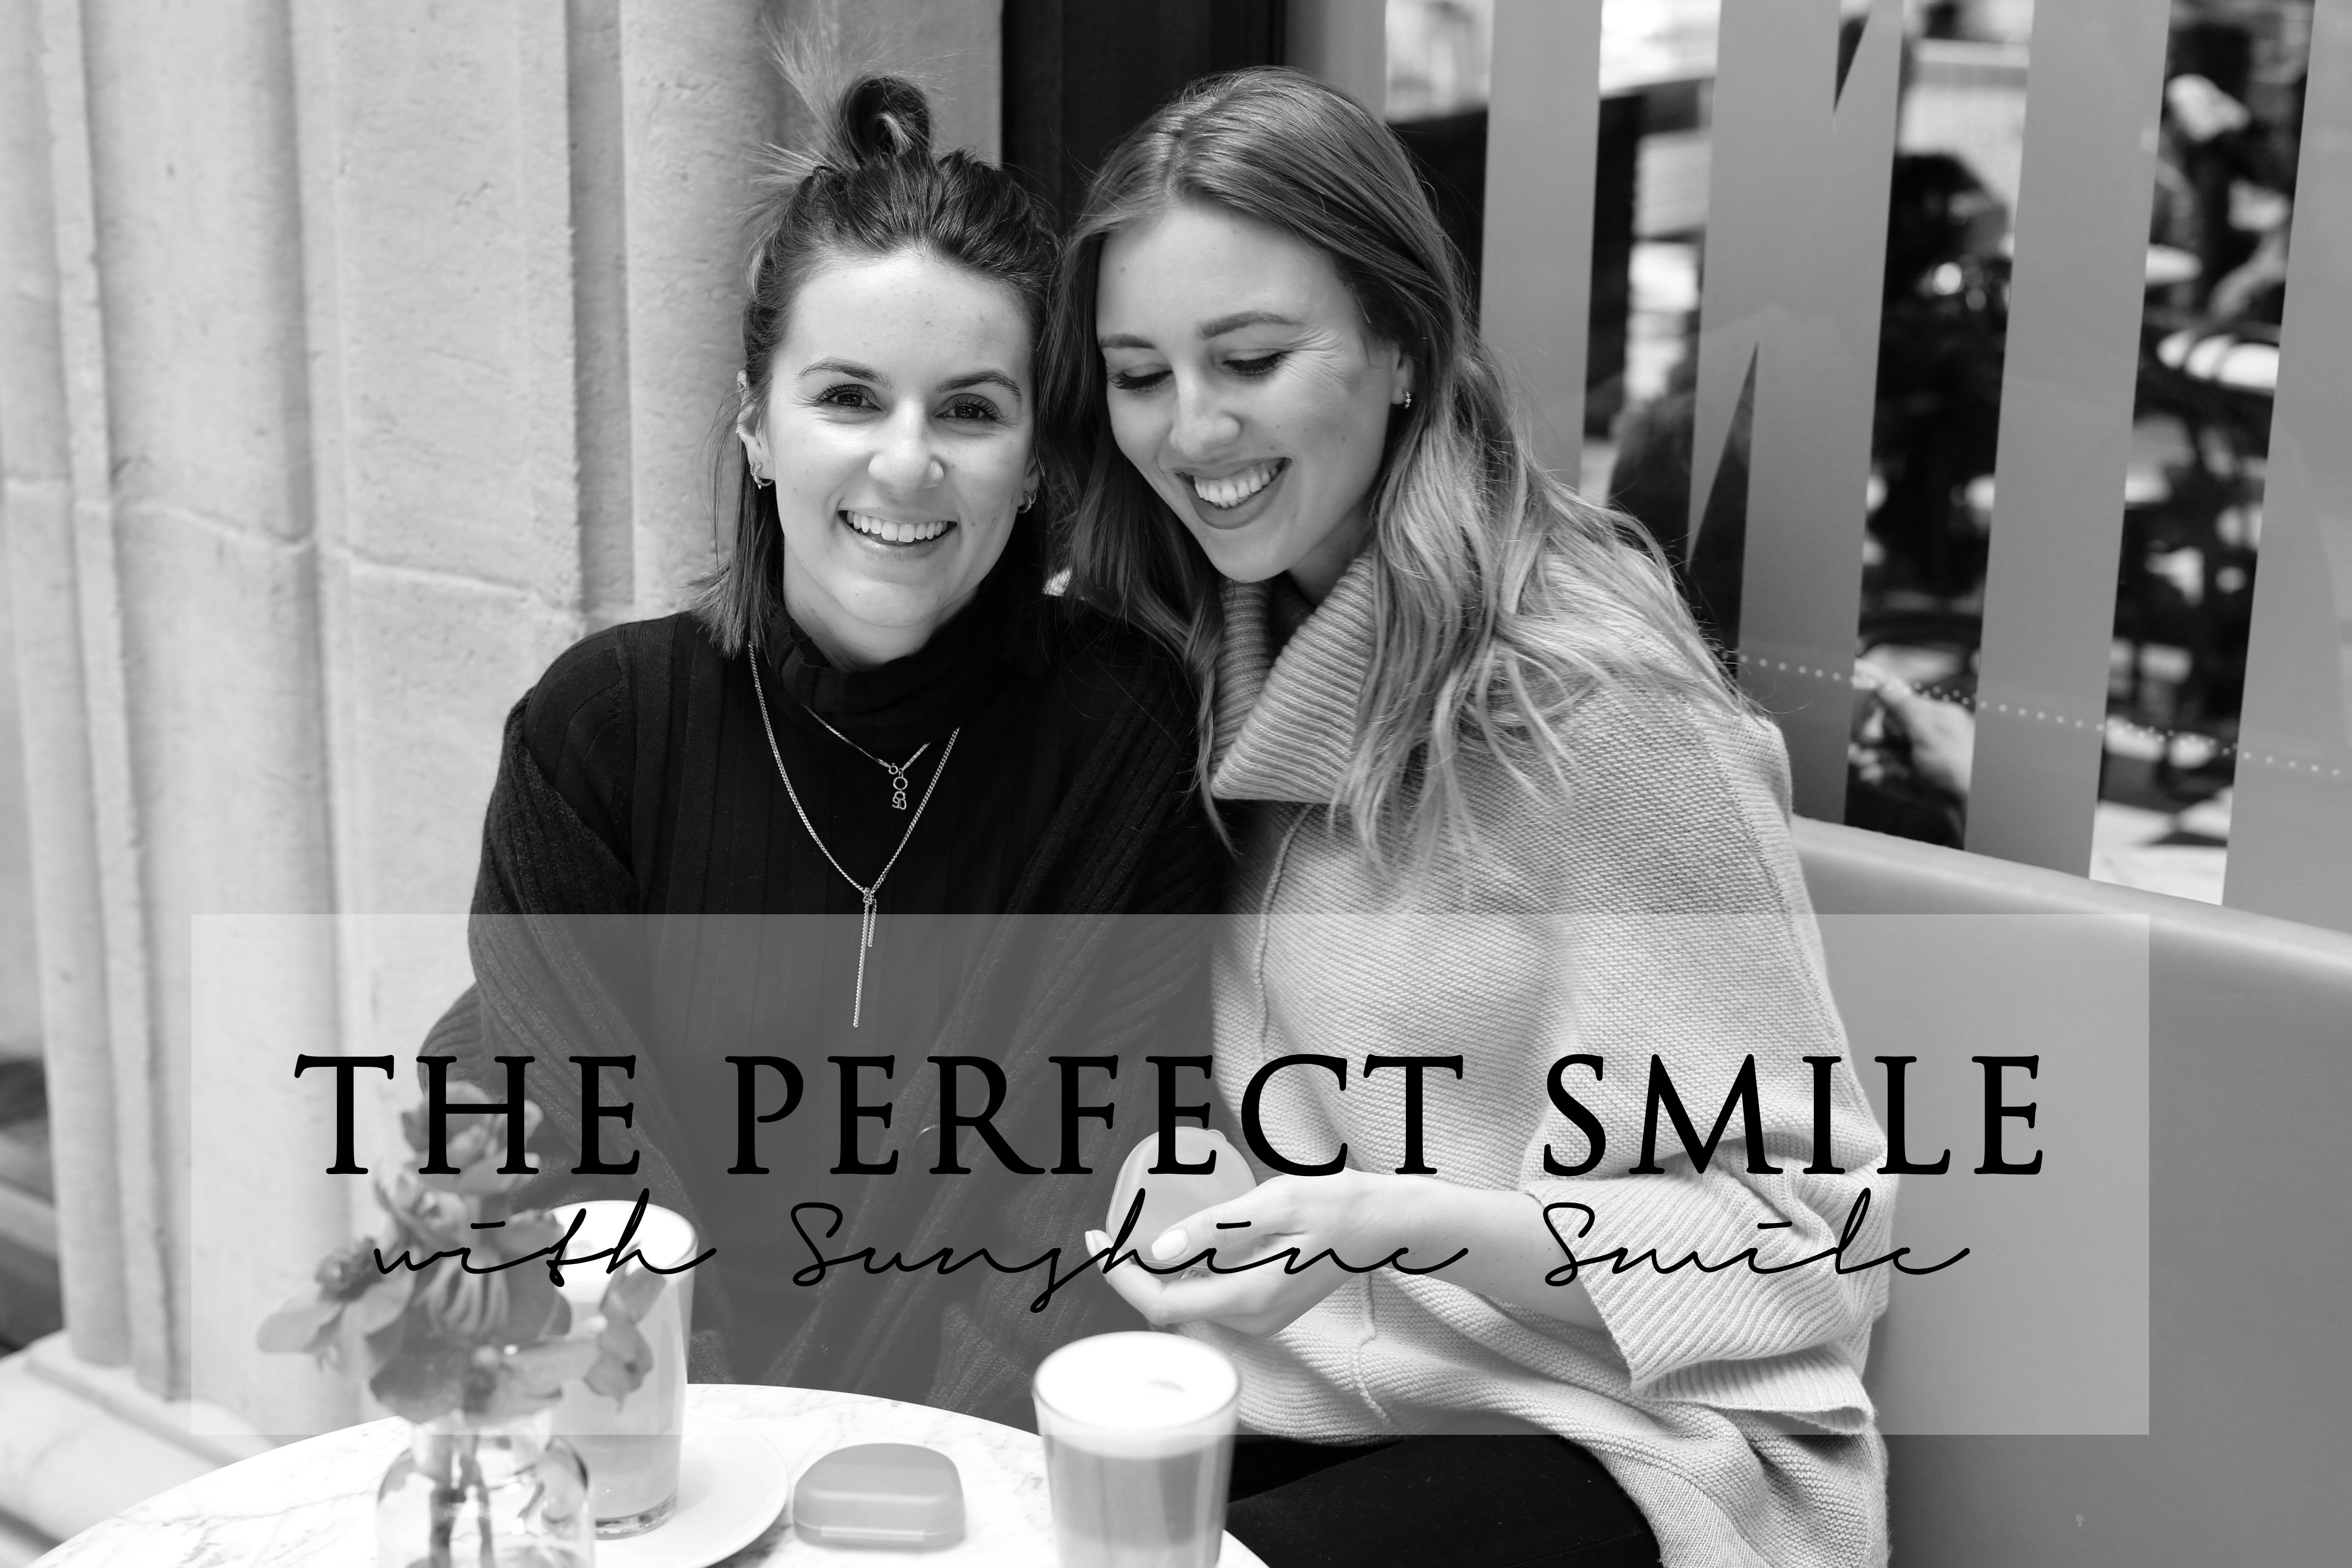 Lächeln gleich flirten